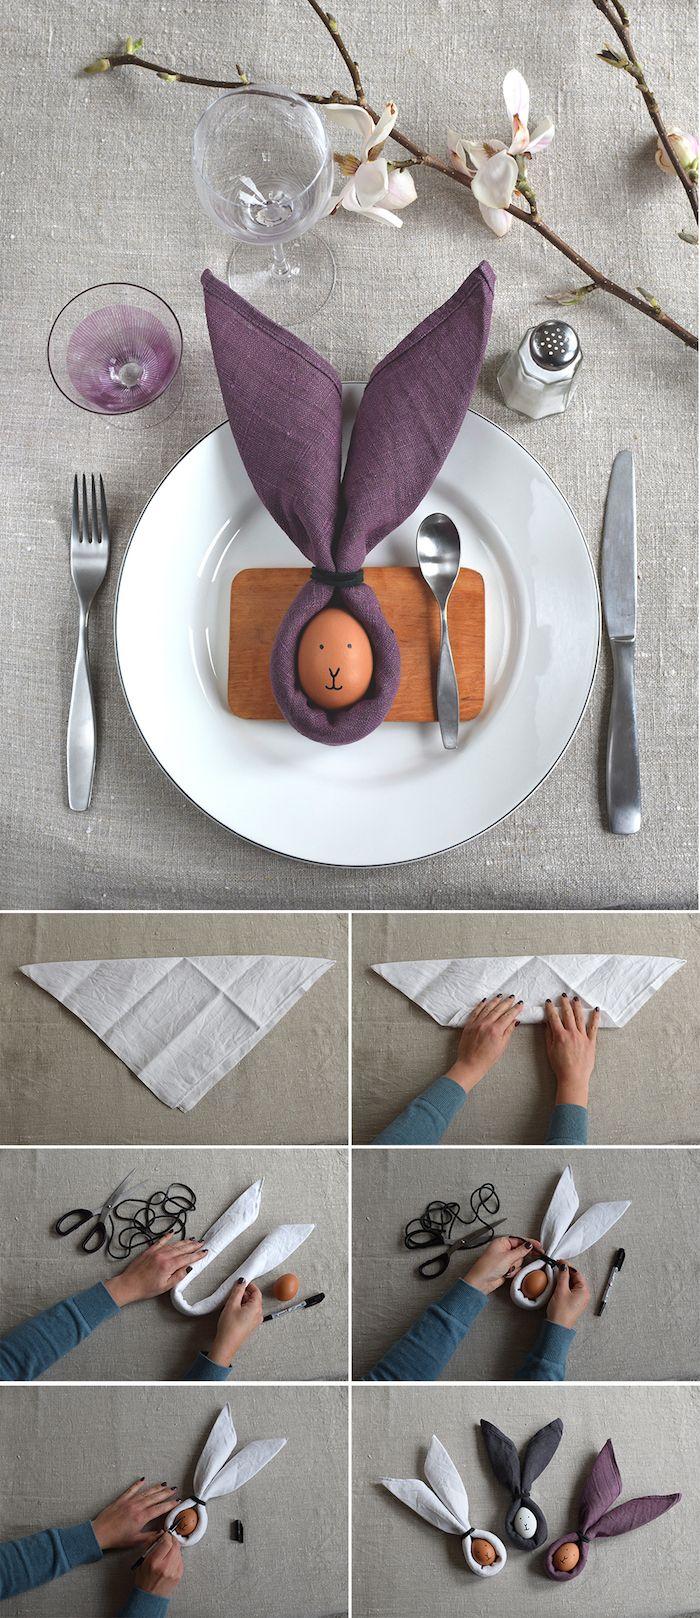 activité manuelle pour une déco de pâques, arrangement de table élégant en gris et violet, couverts de table